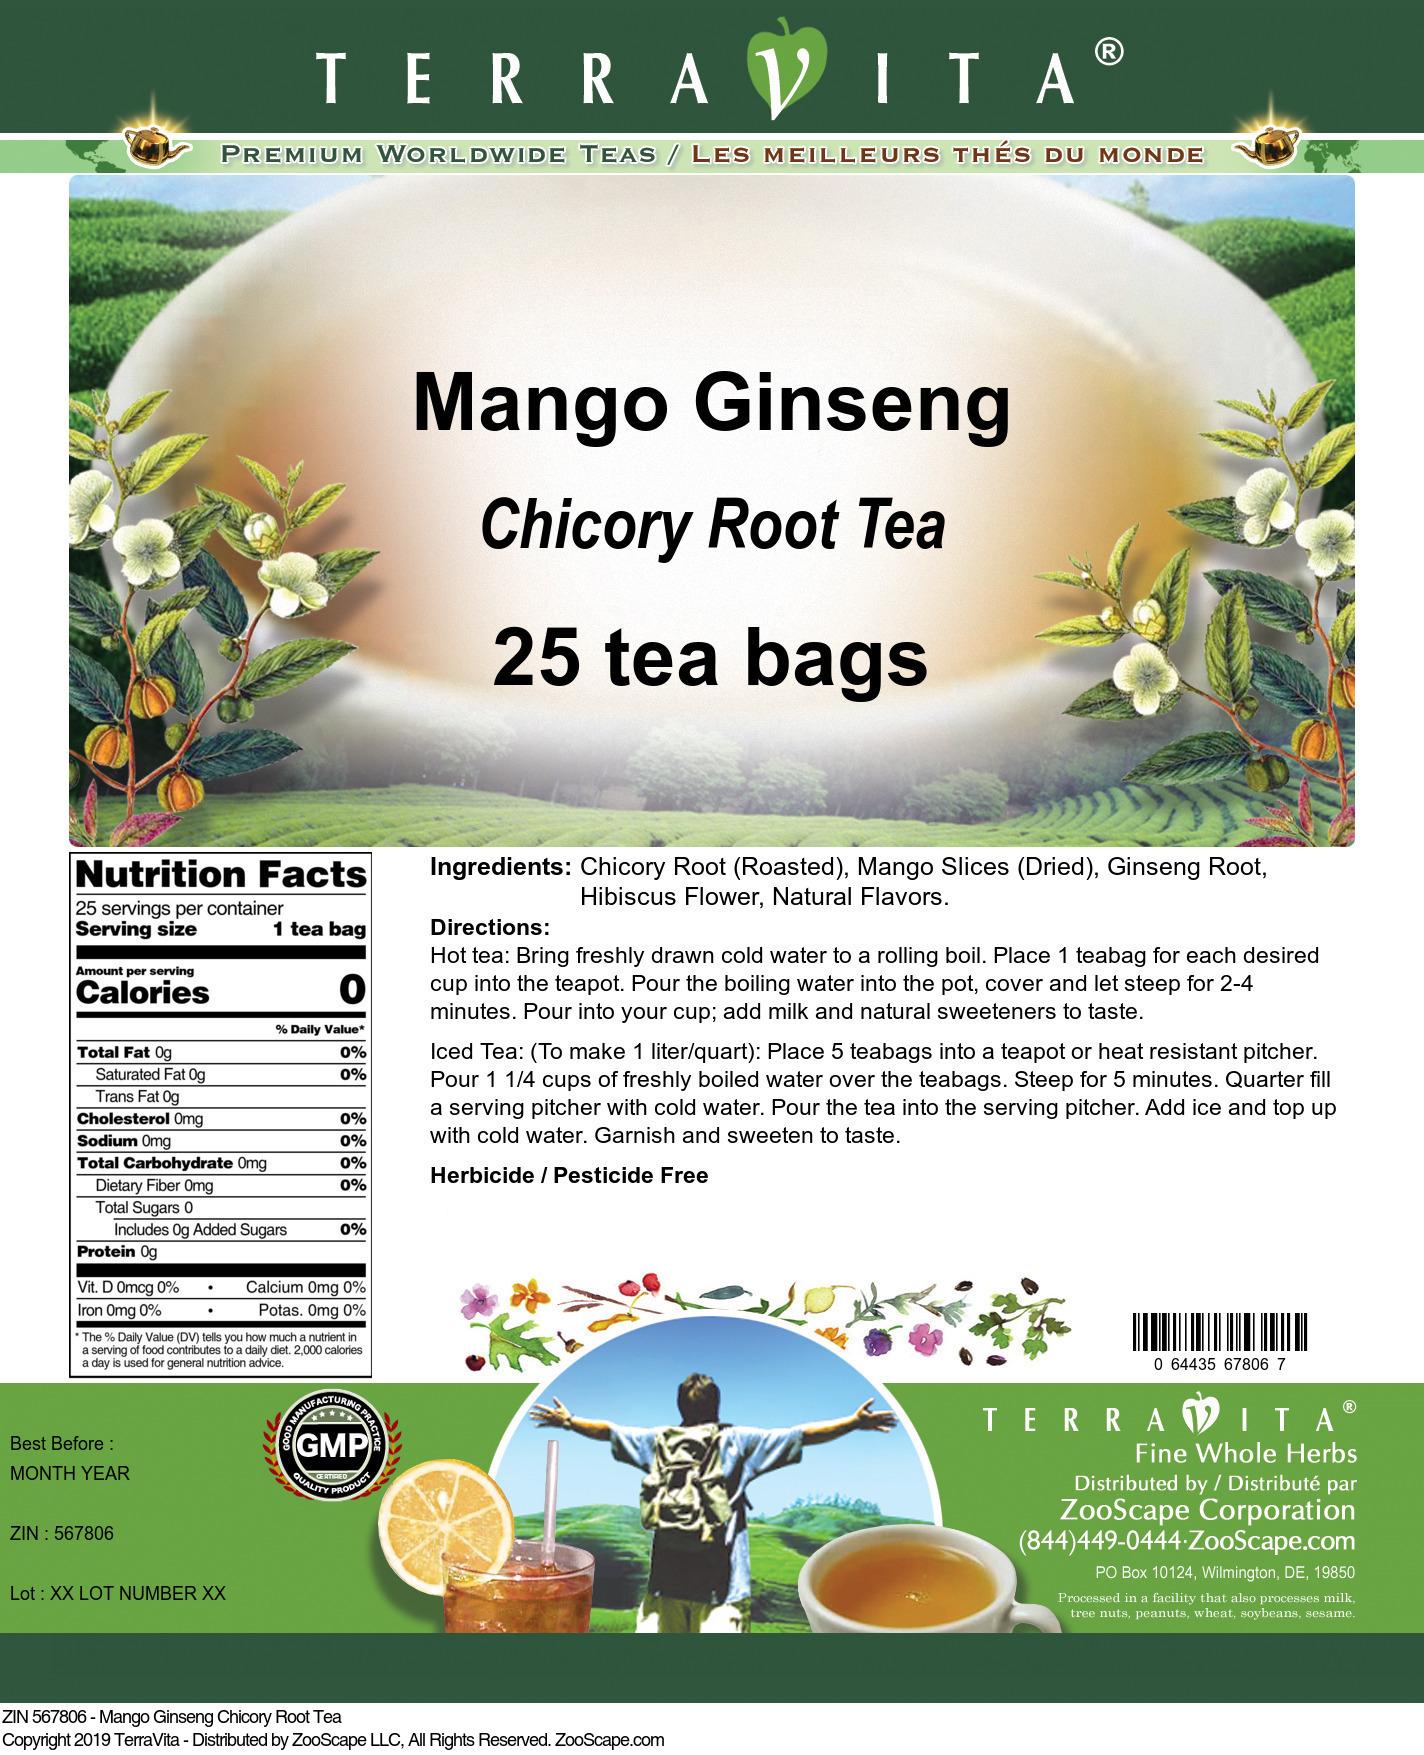 Mango Ginseng Chicory Root